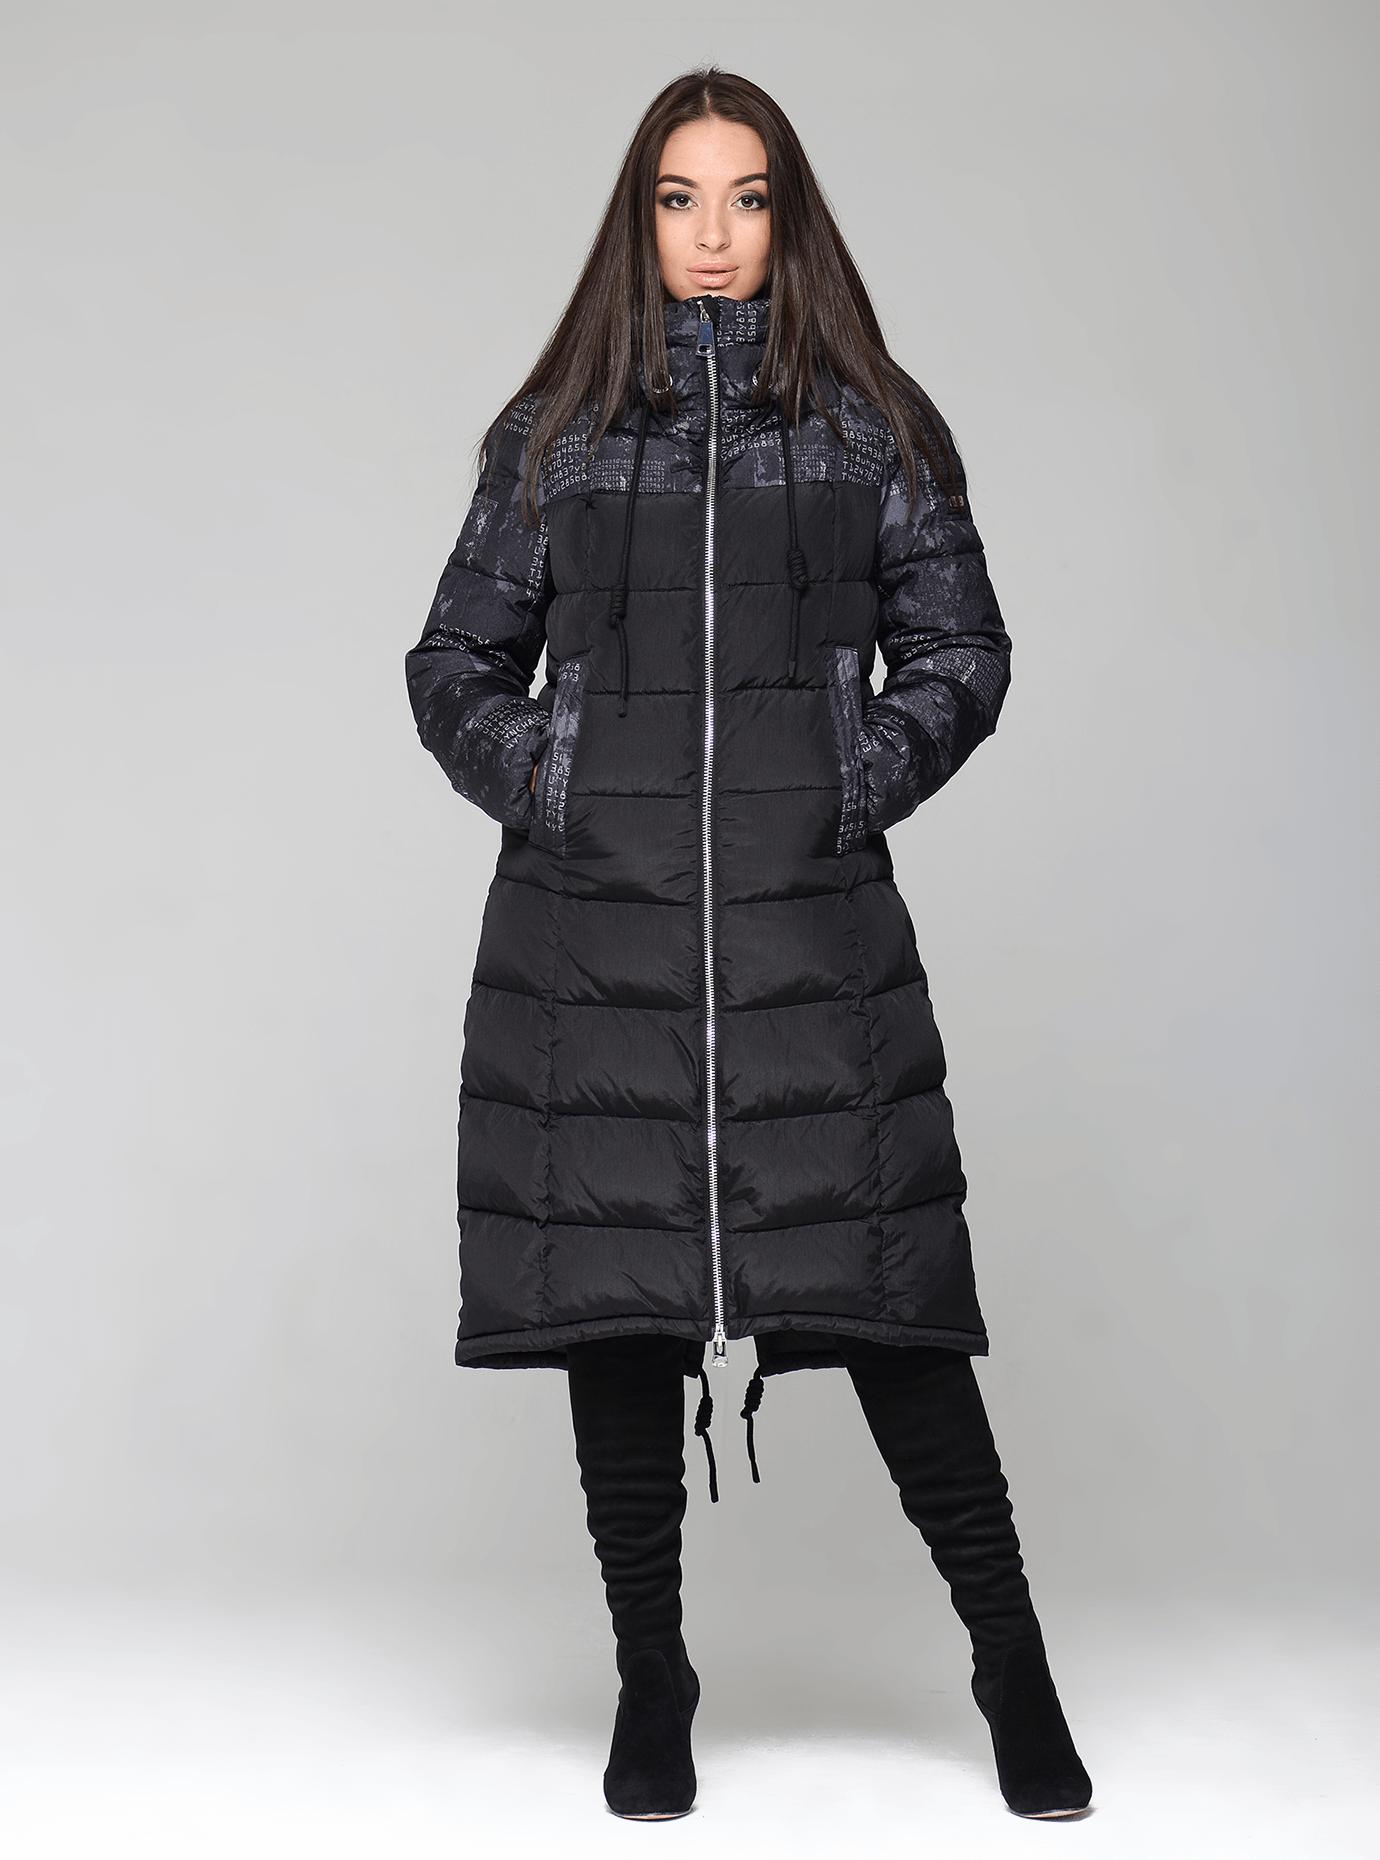 Куртка зимняя женская оригинальная Чёрный S (02-CR170270): фото - Alster.ua